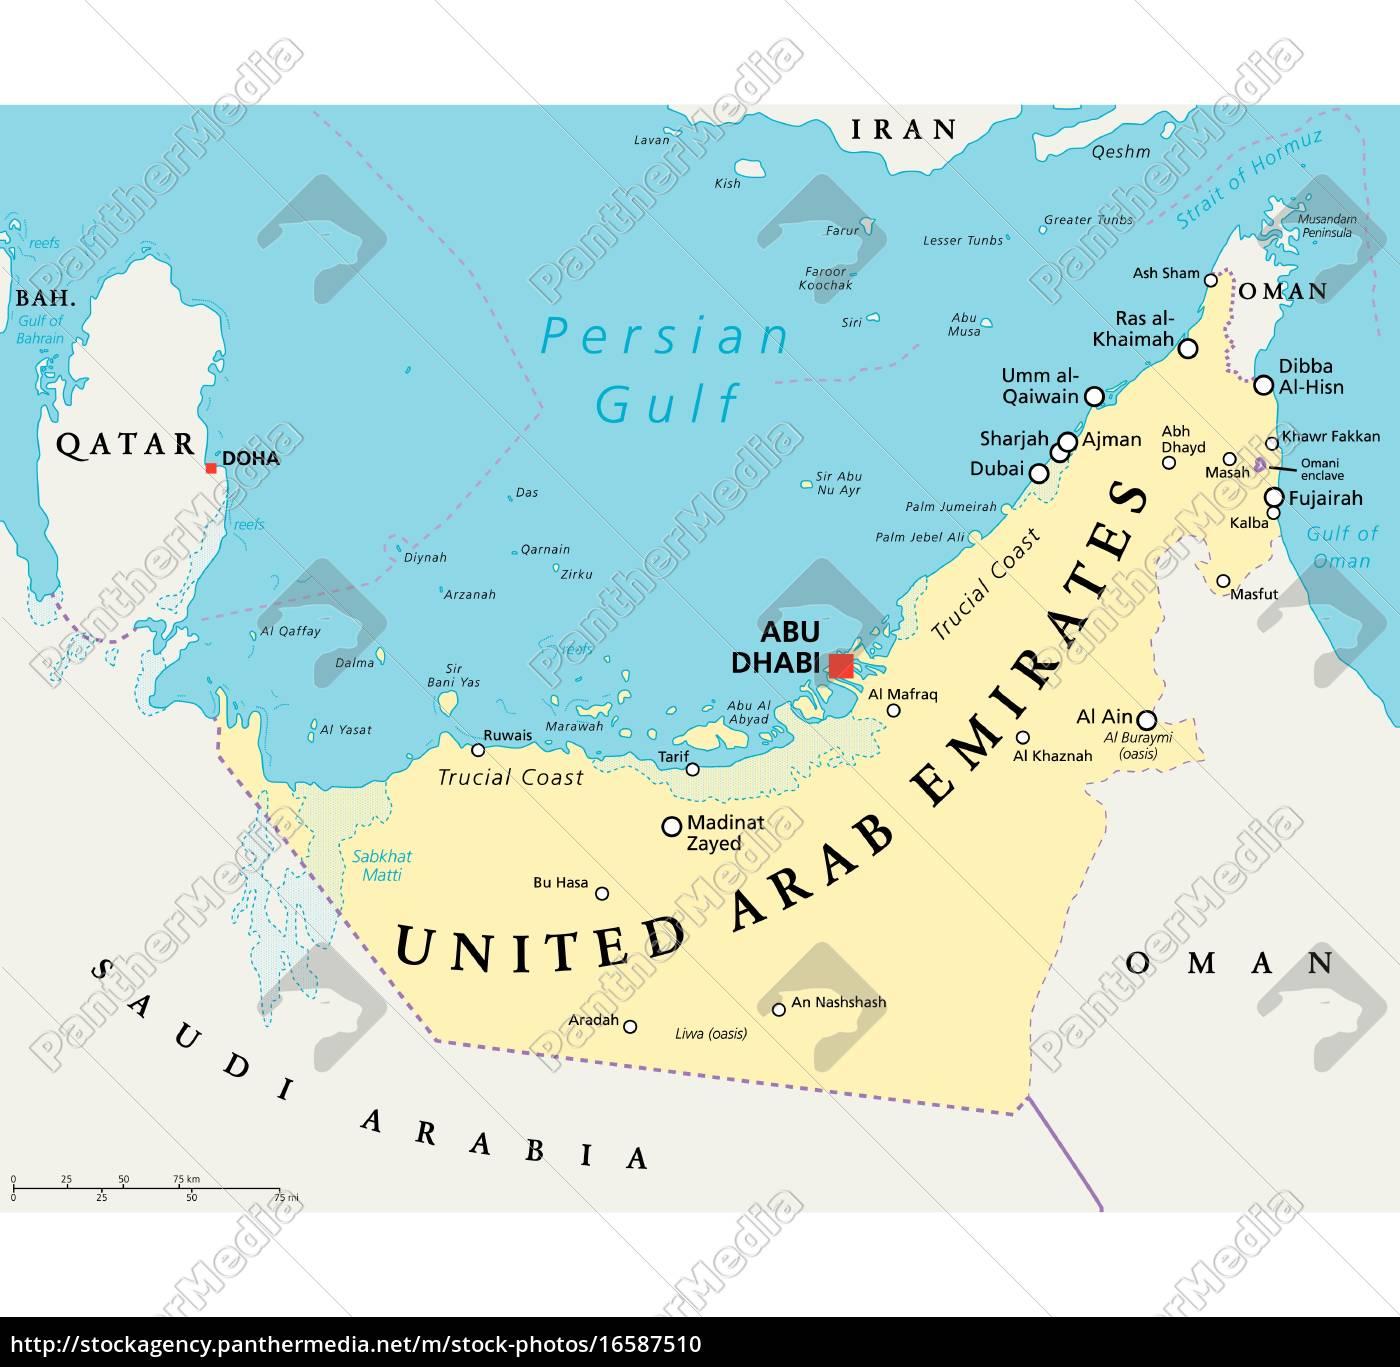 Uae De Forenede Arabiske Emirater Politisk Kort Stockphoto